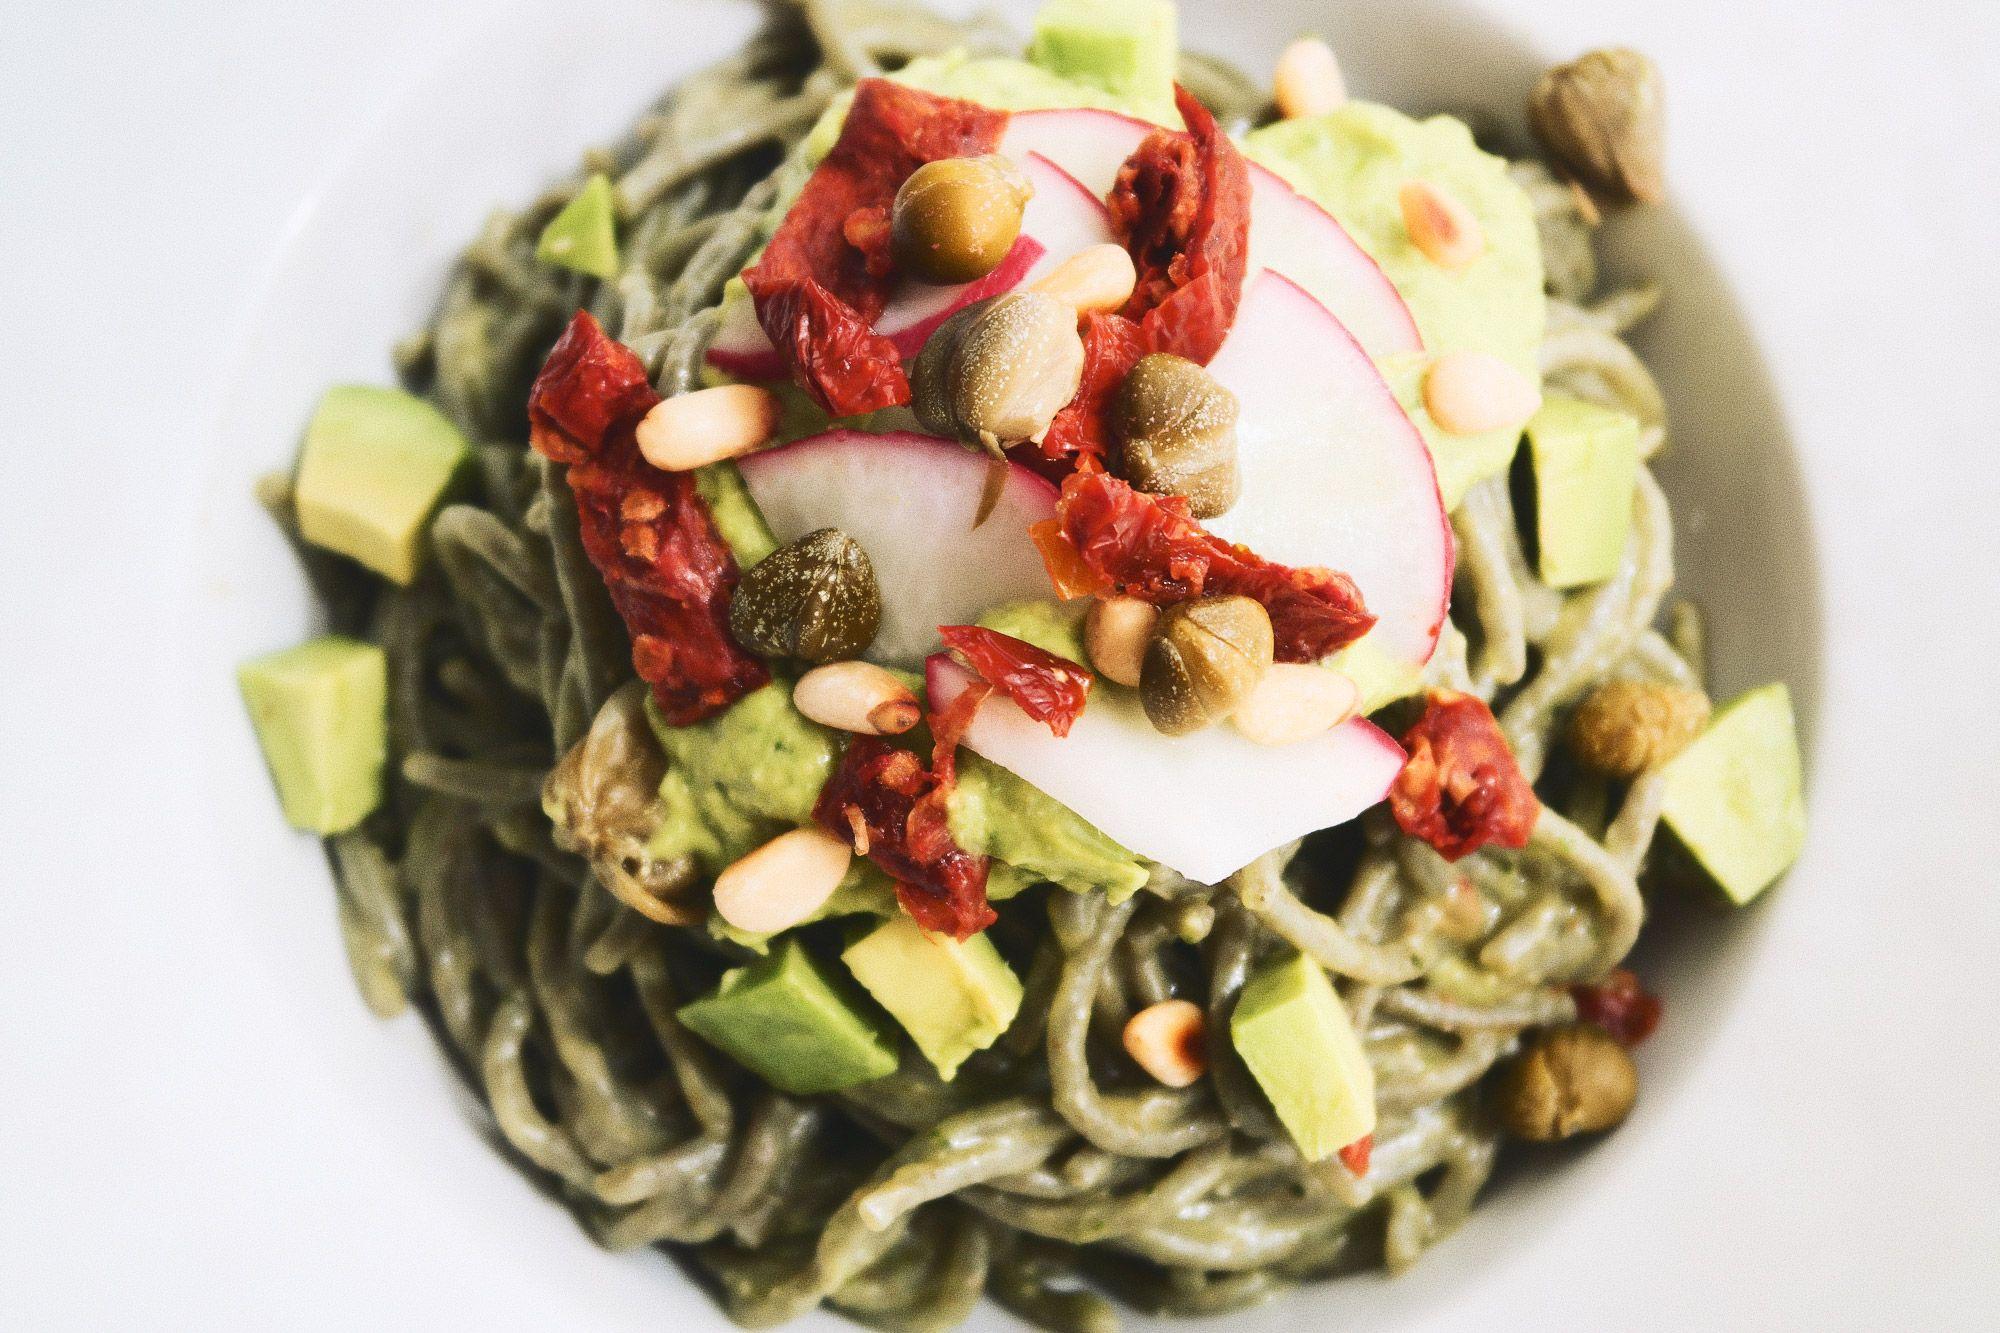 Pasta Verde con Aguacate y Tomate Seco | http://sutobu.es/recetas-cocina/recetas-favoritas/pasta-verde-con-aguacate-y-tomate-seco/